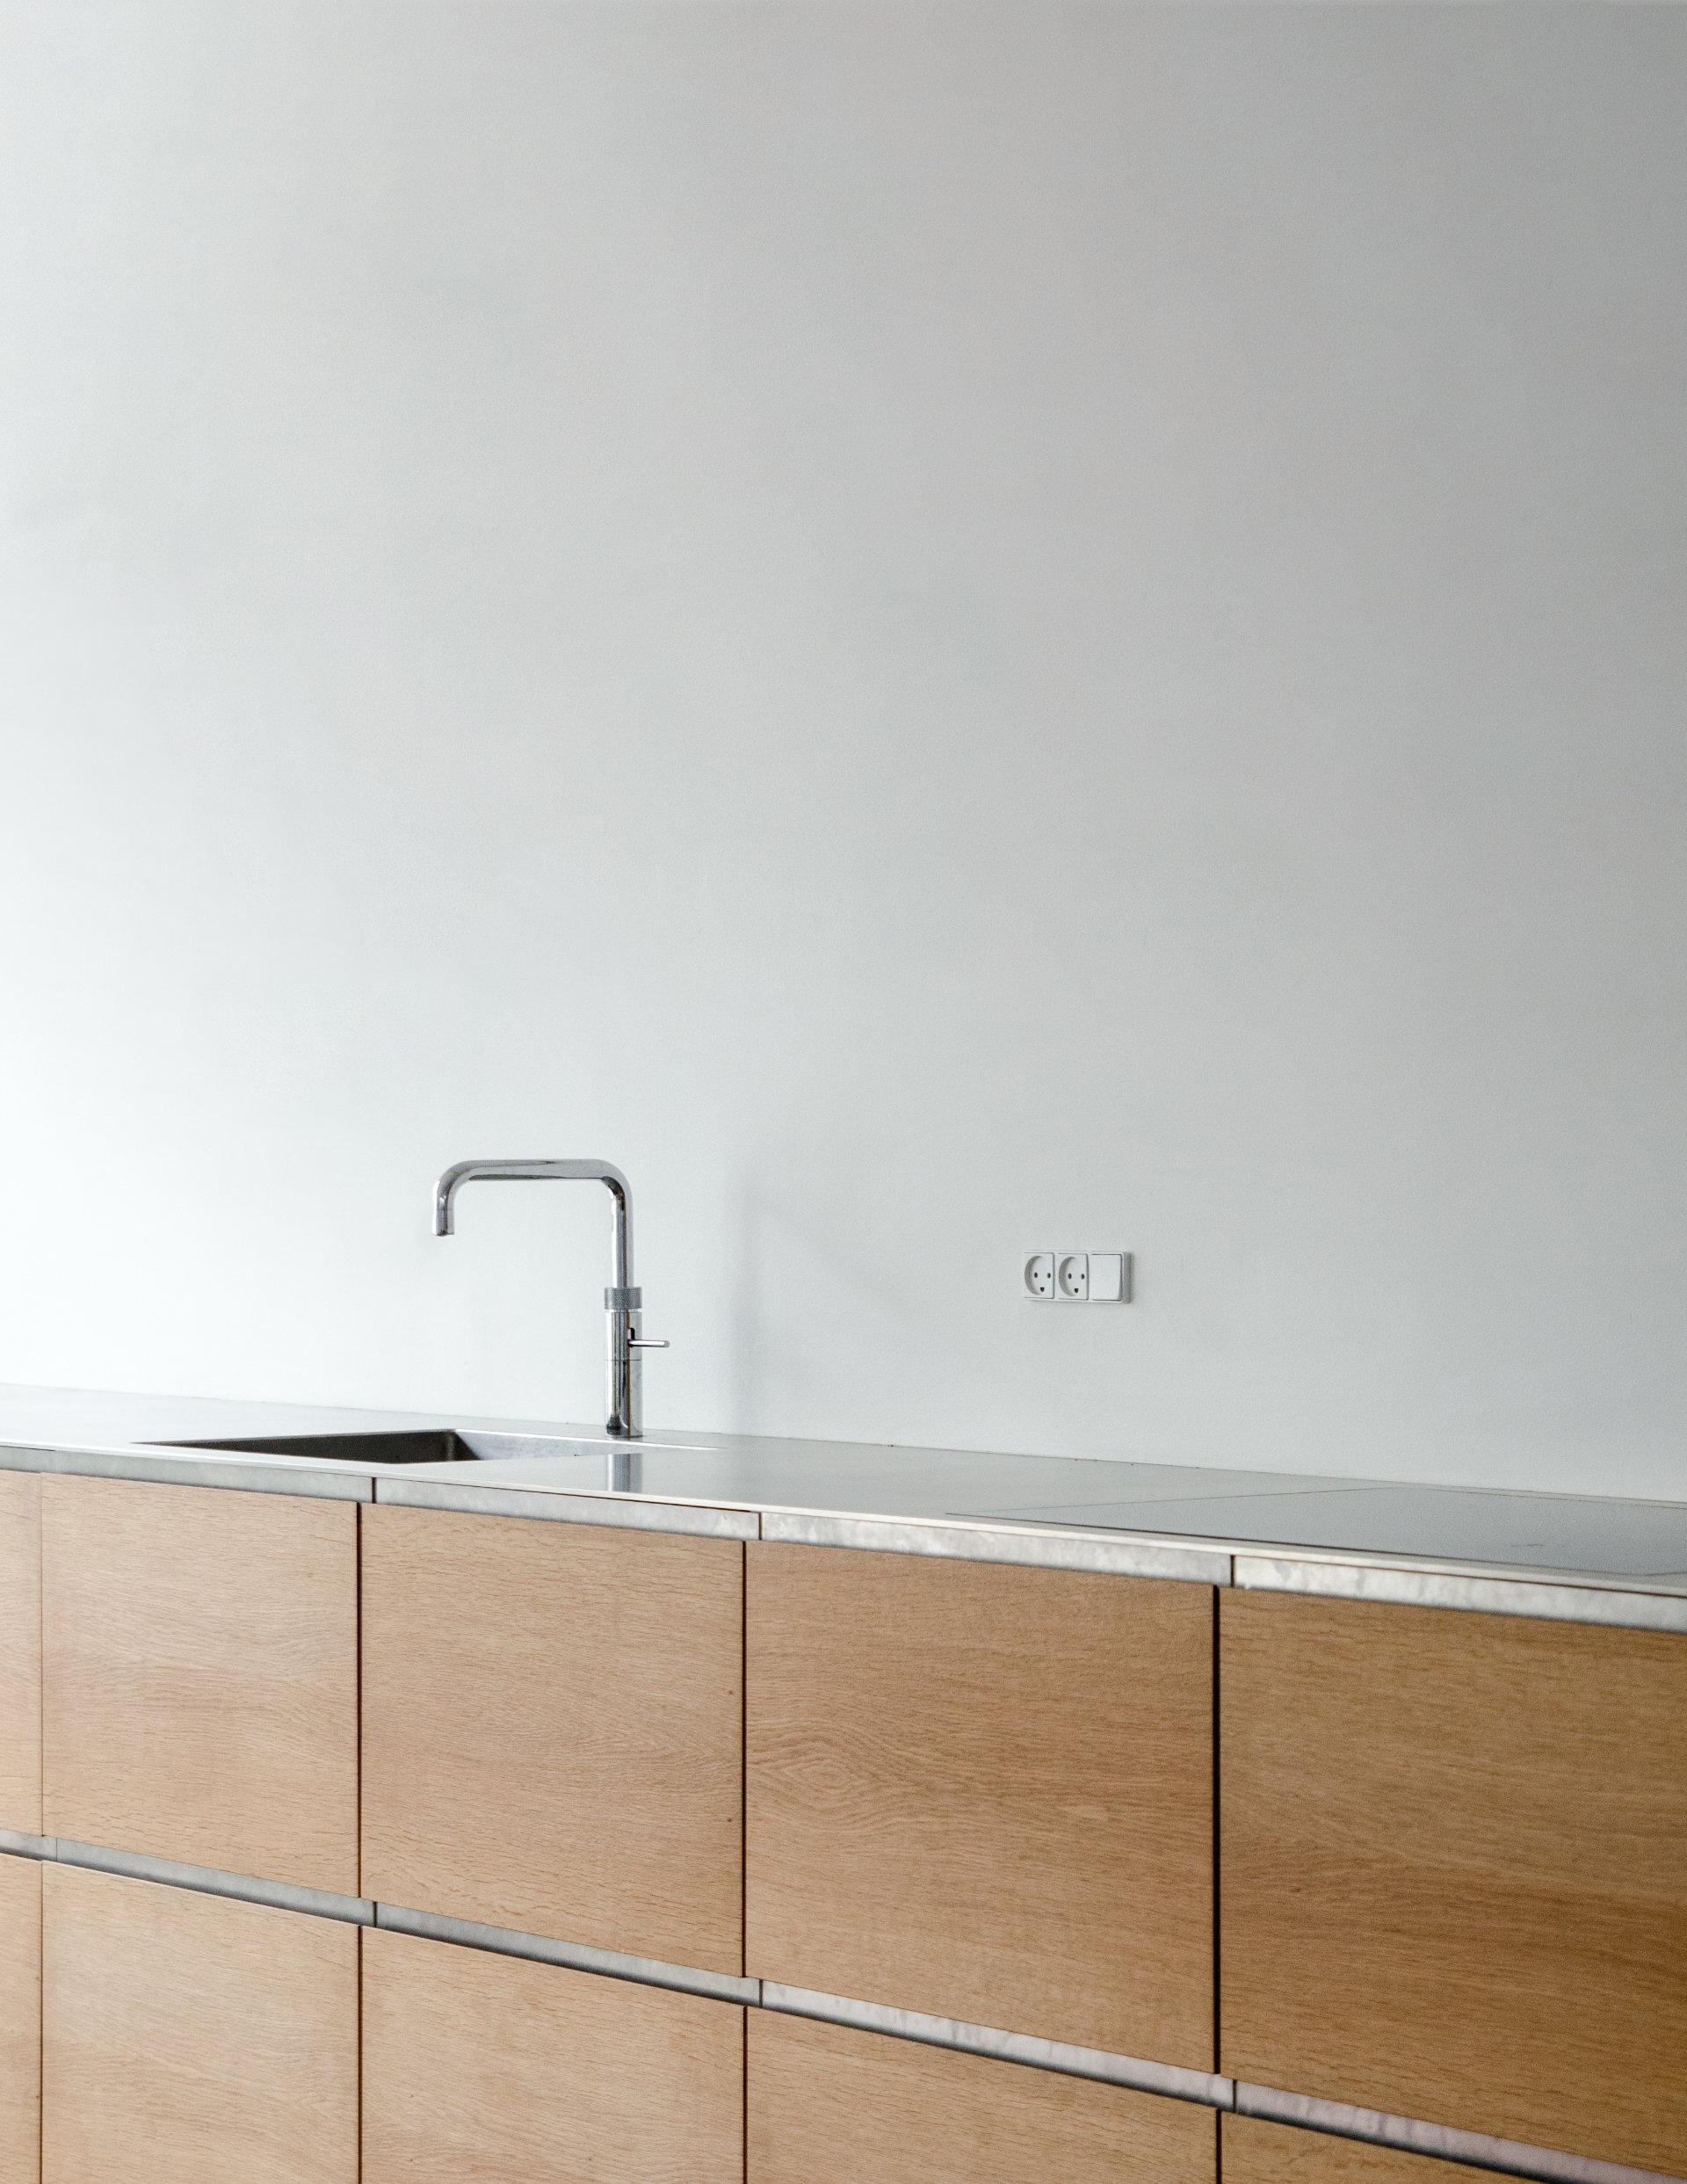 11 arki-køkken-fronter-natur-eg-greb-stål